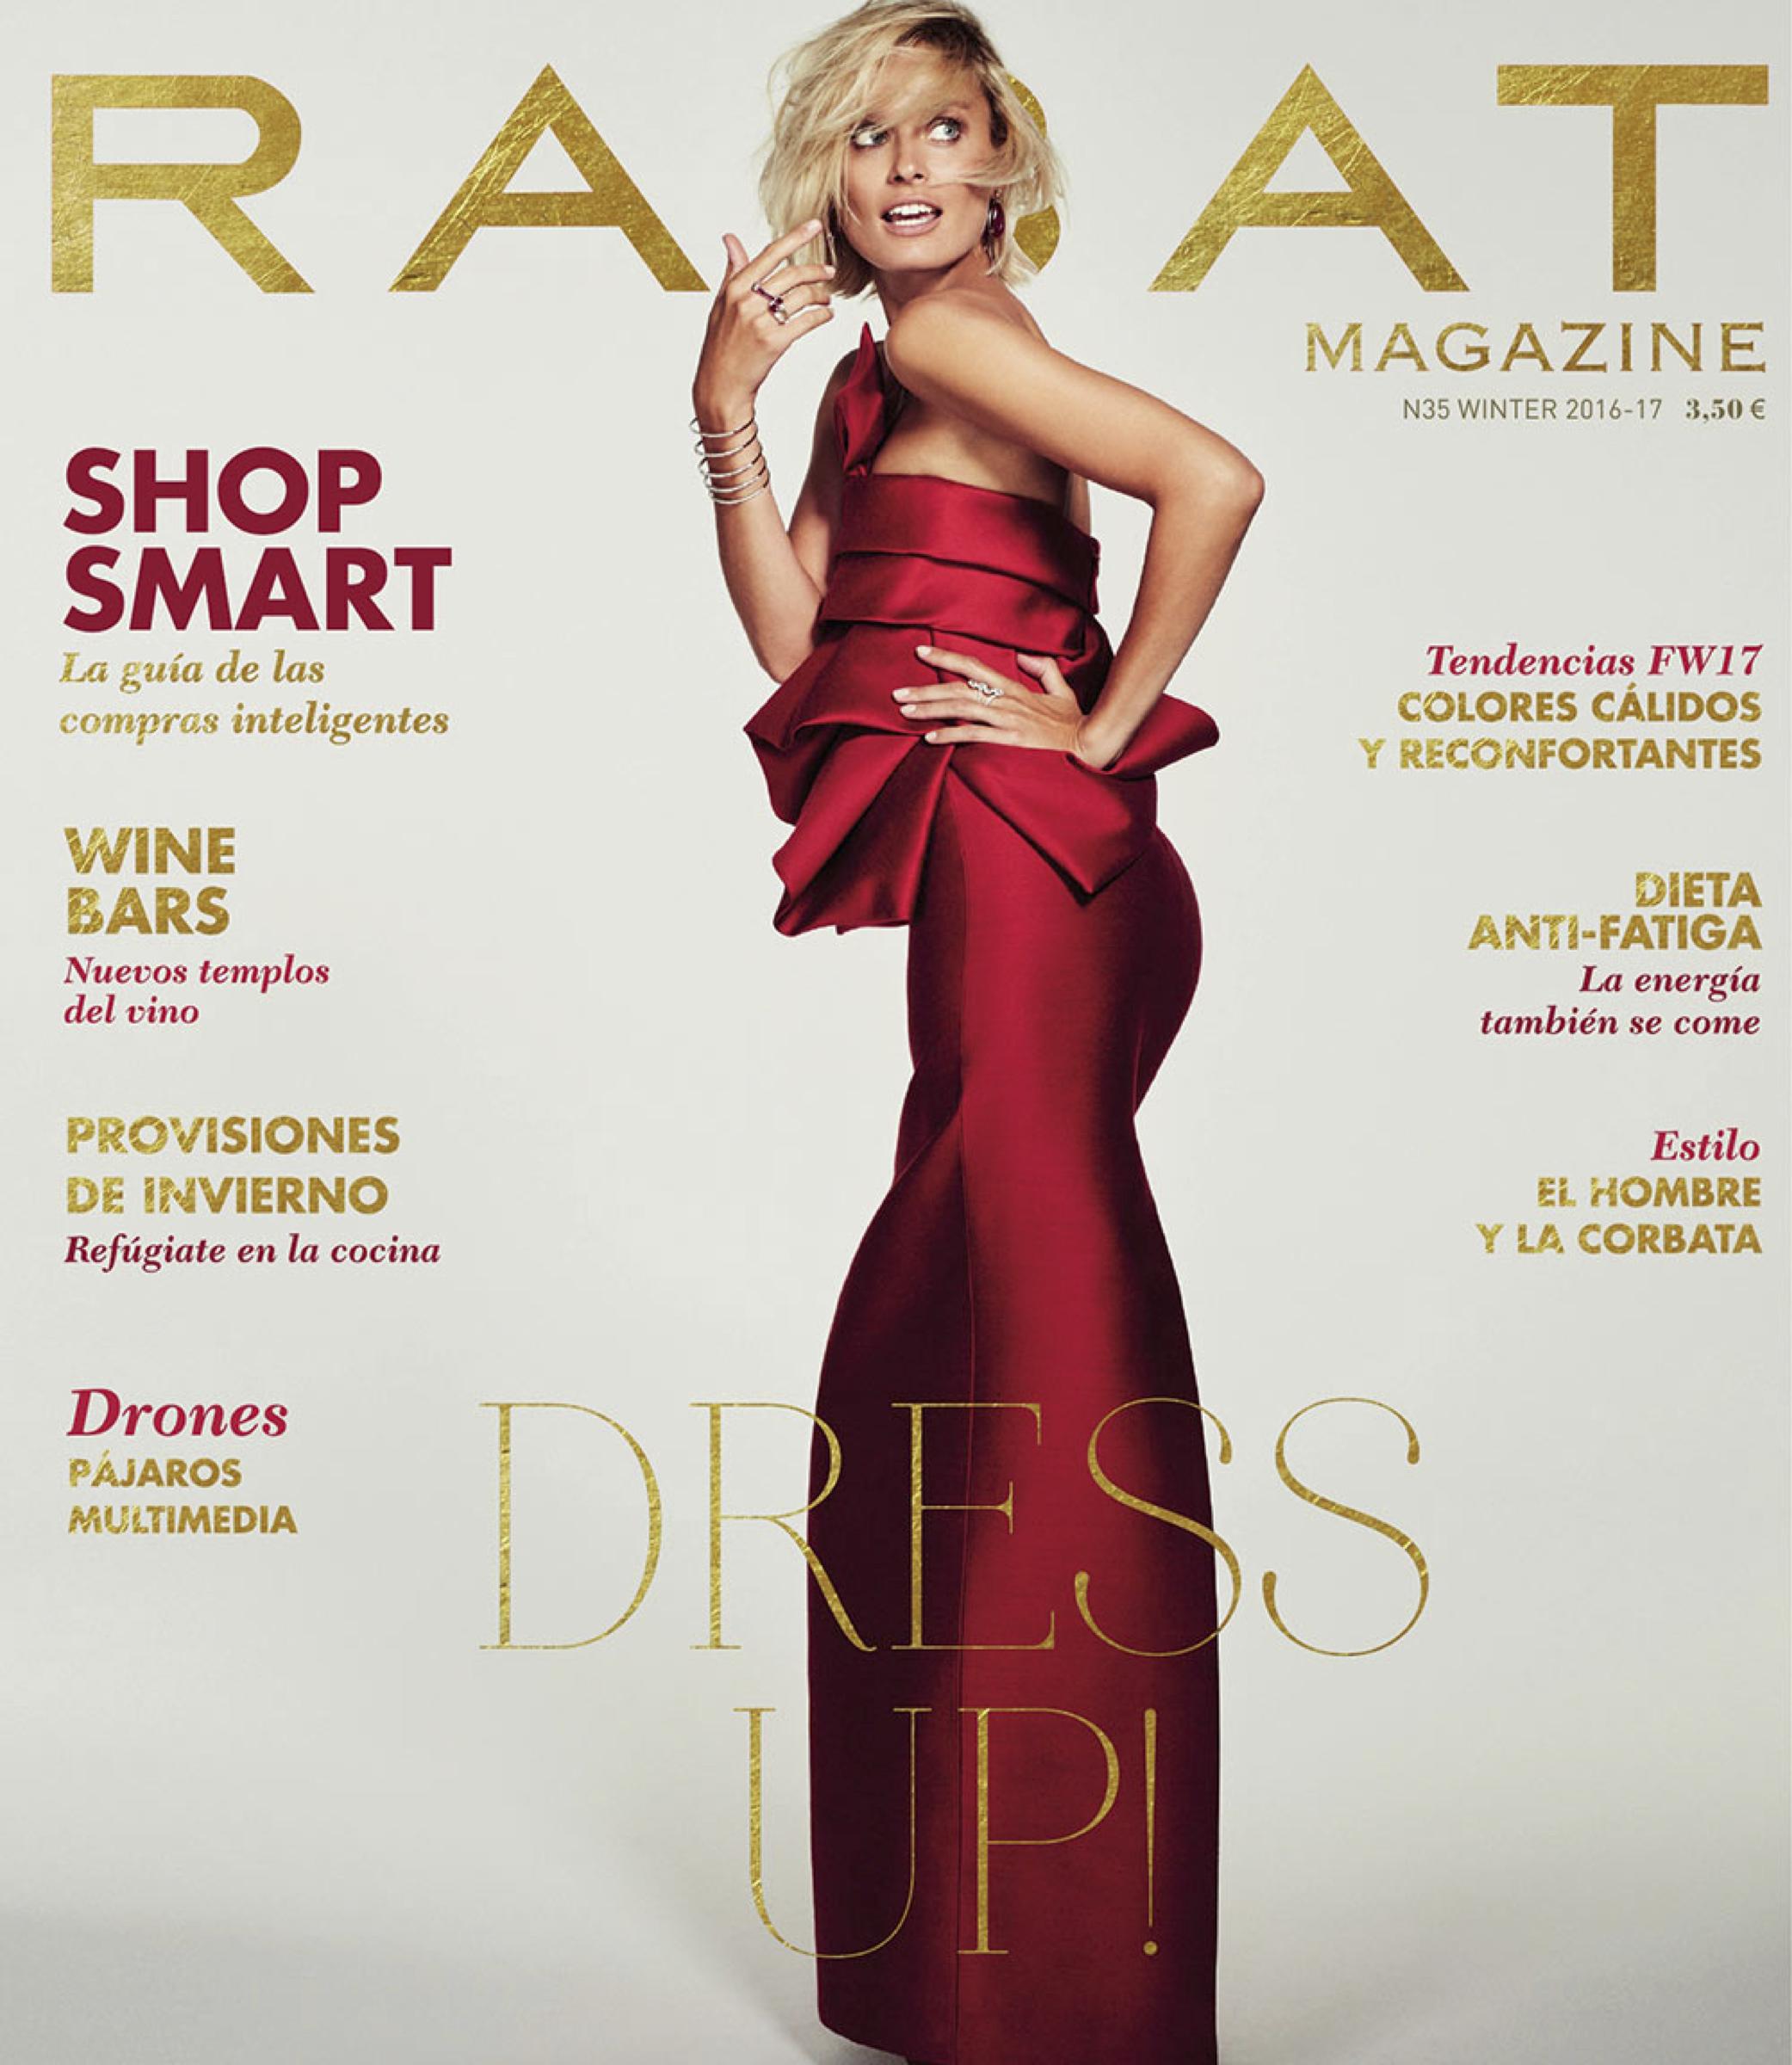 rabat-magazine